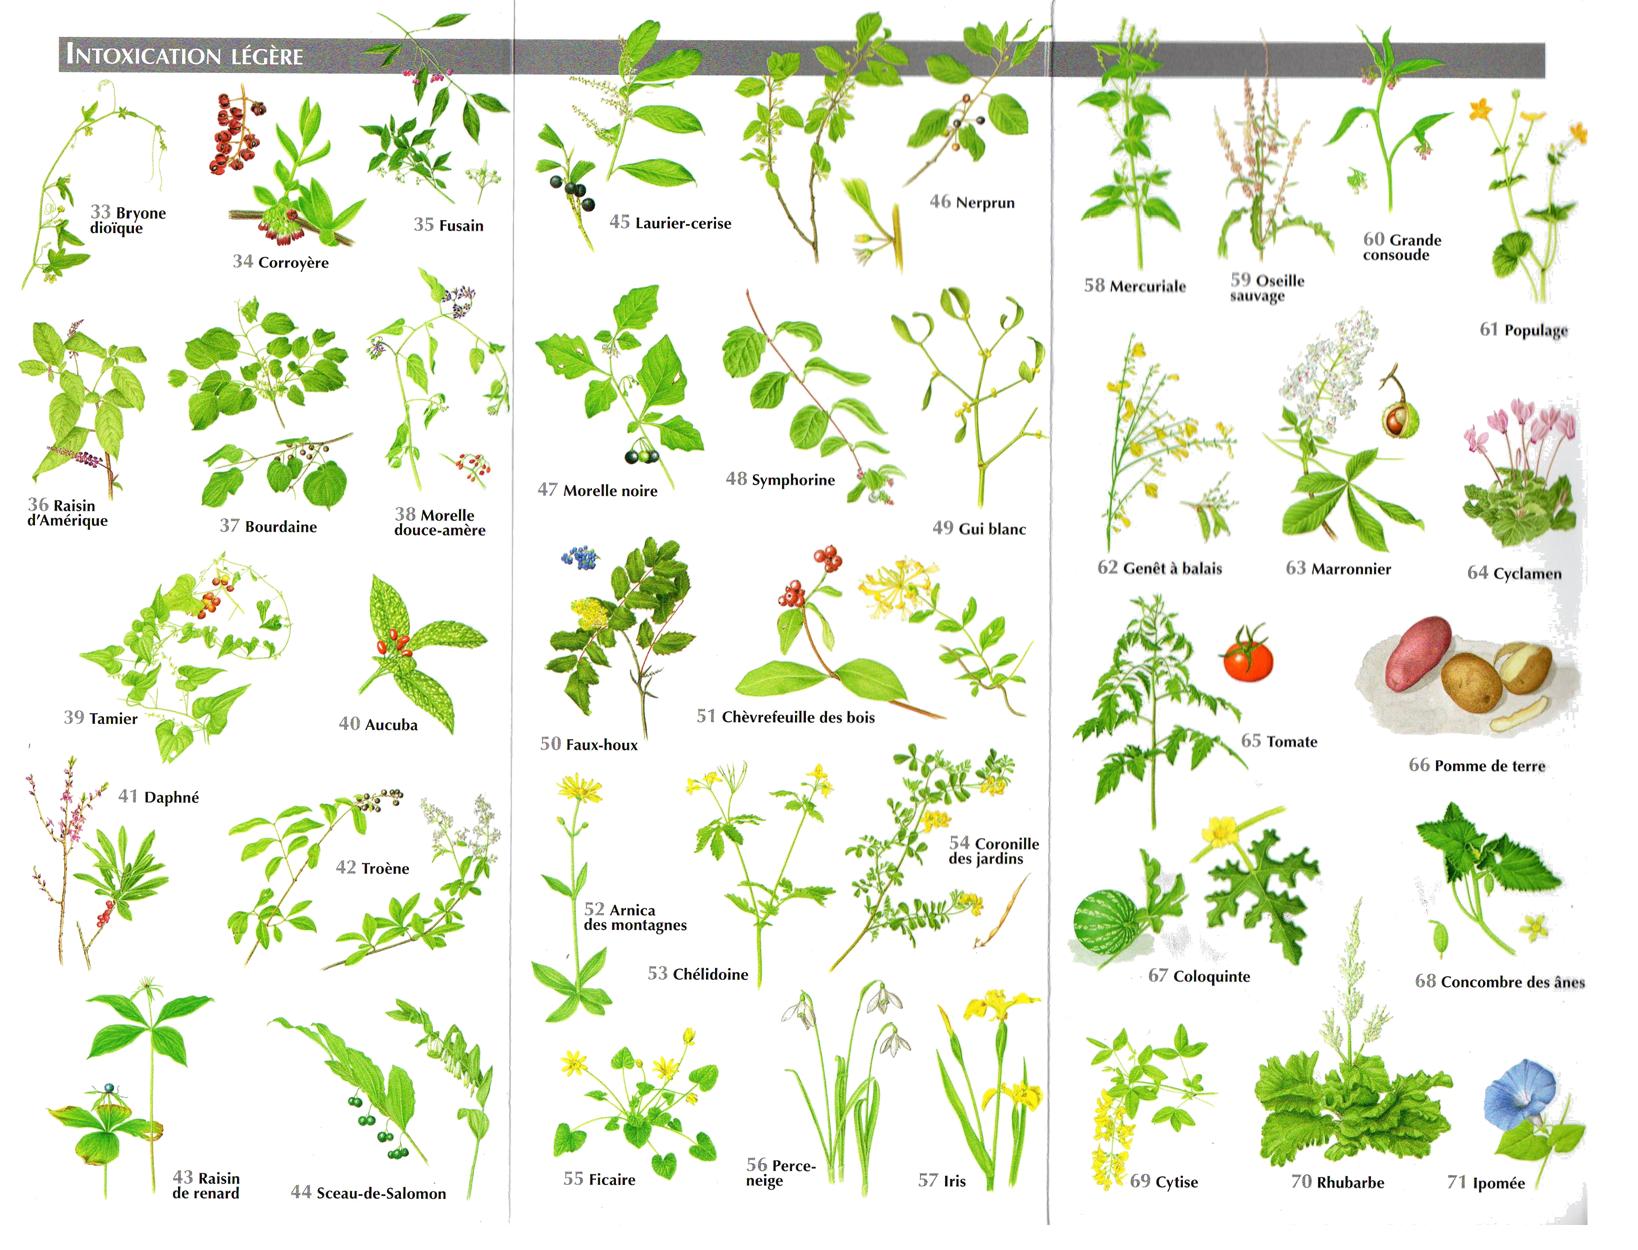 planche des plantes toxiques plantes m dicinales pinterest plantes toxiques les plantes. Black Bedroom Furniture Sets. Home Design Ideas